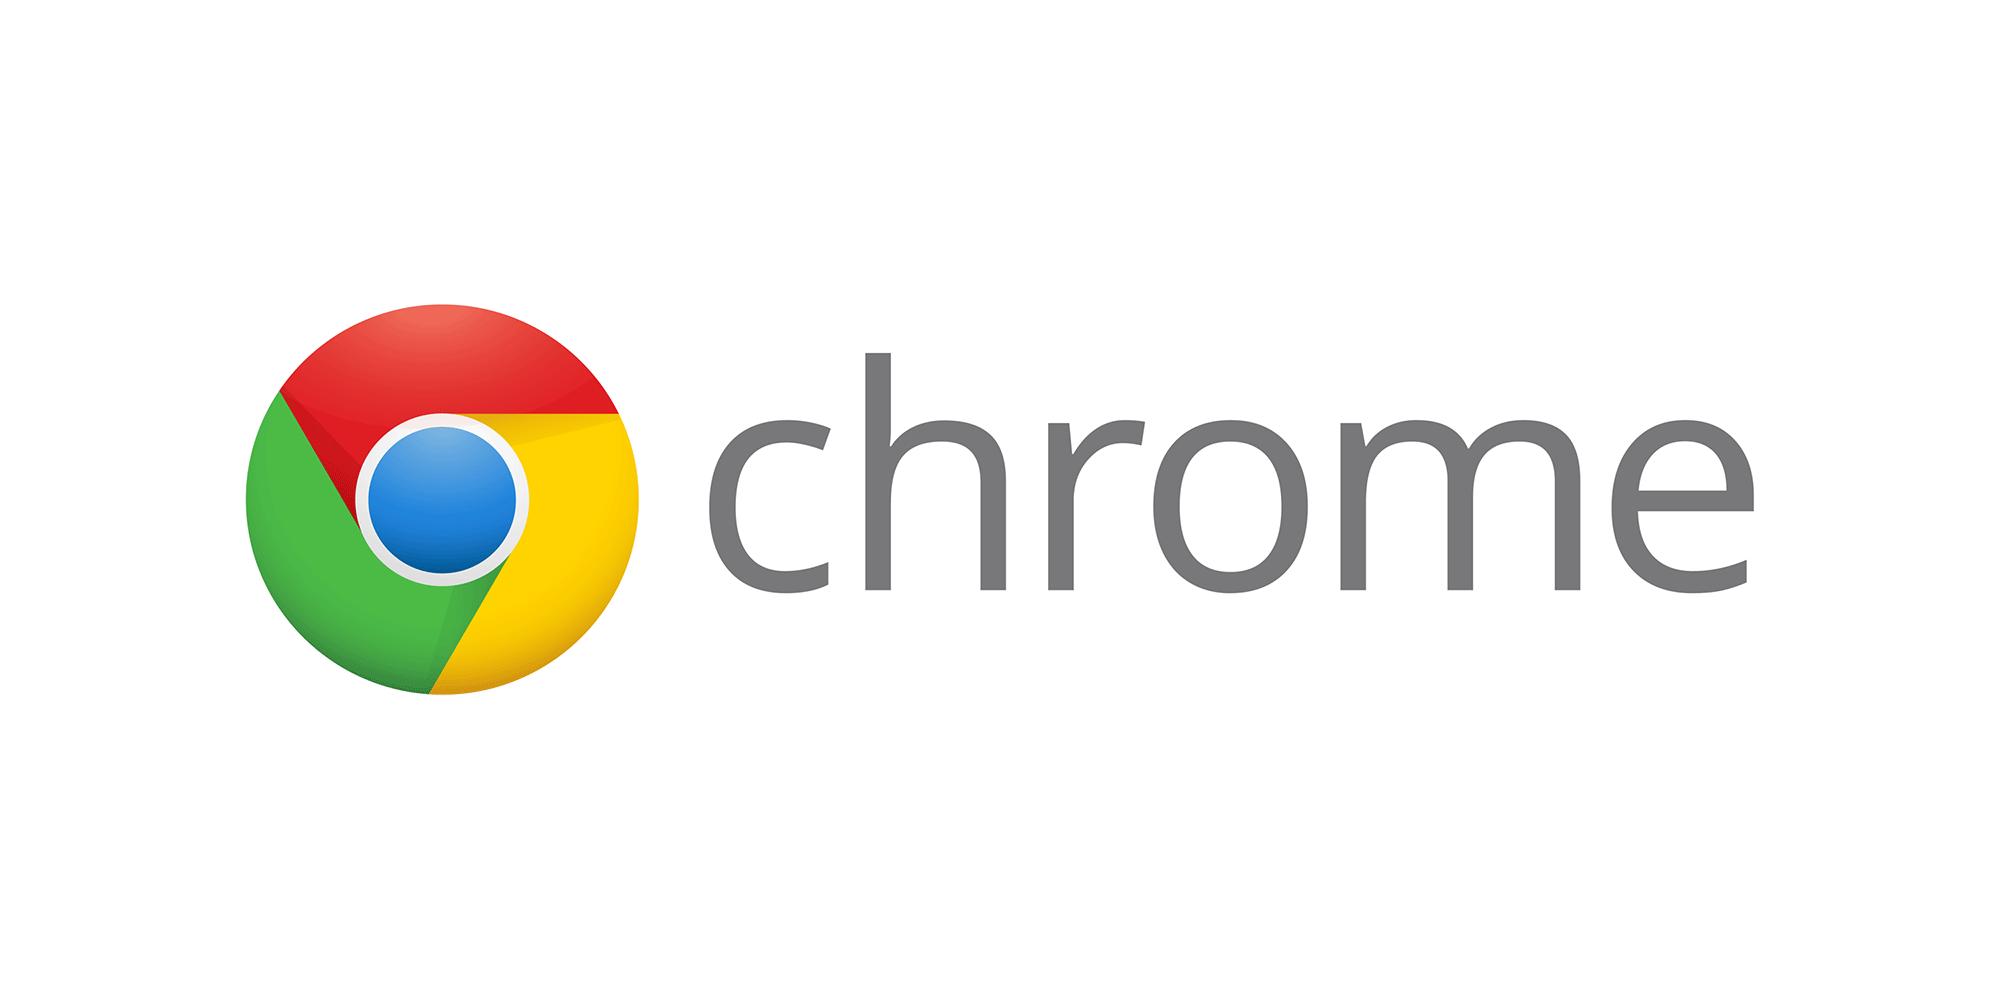 5 مميزات في Chrome يجب على الجميع إستخدامها - عرفني دوت كوم